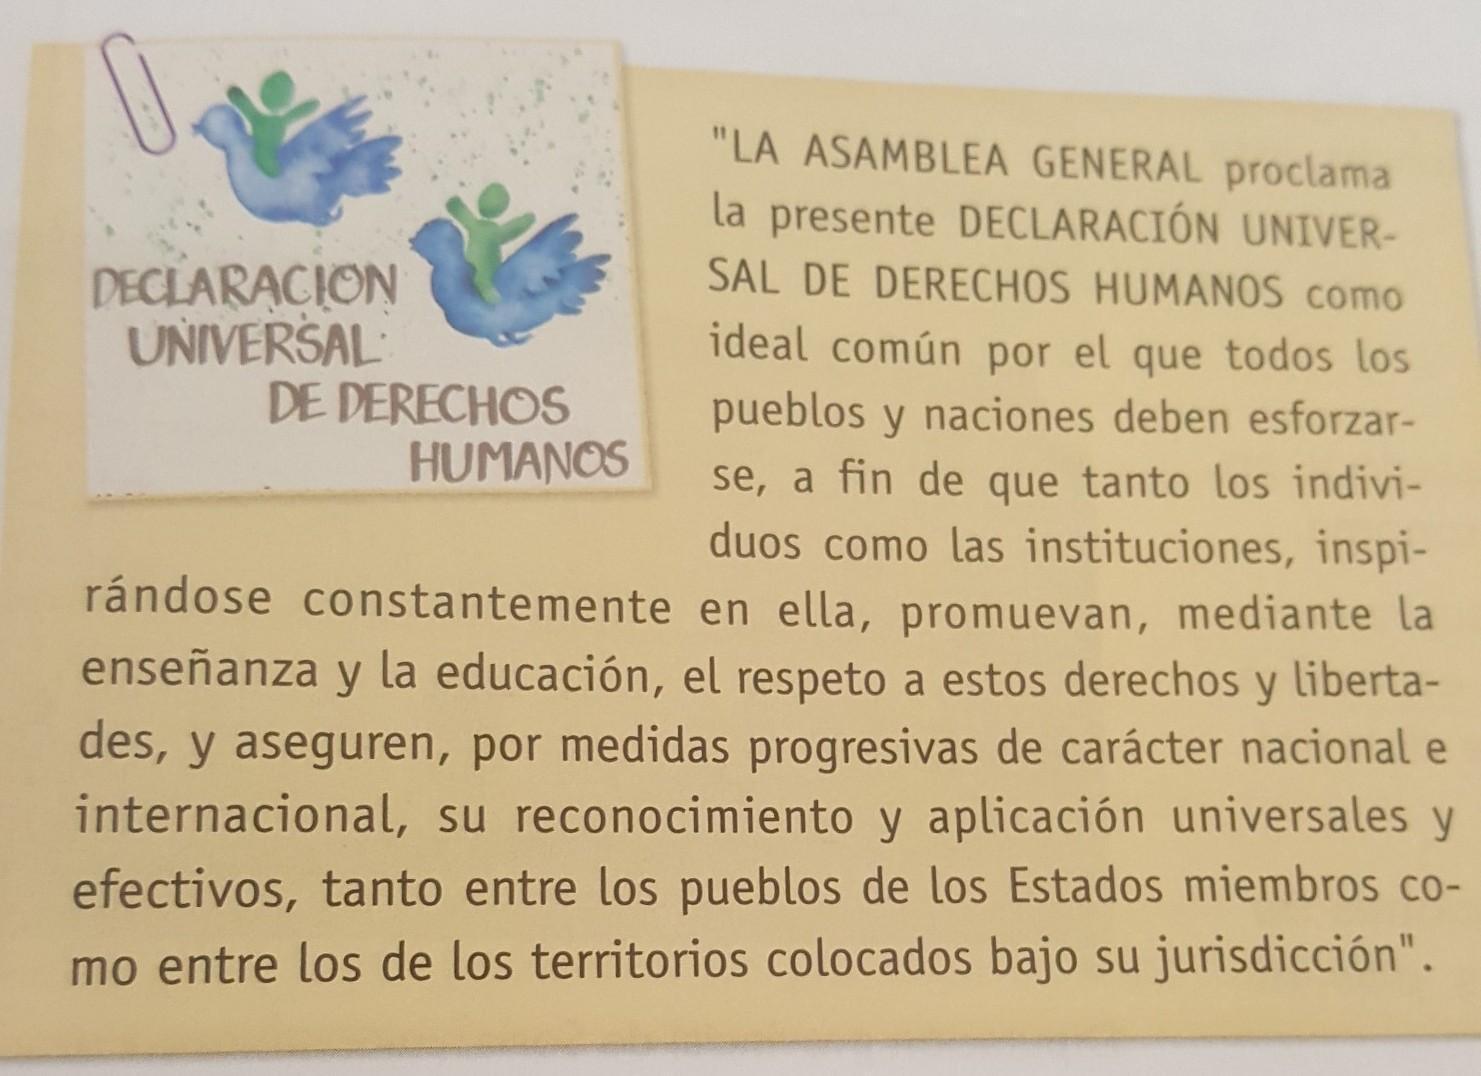 Comenta La Frase De La Declaración Universal De Los Derechos